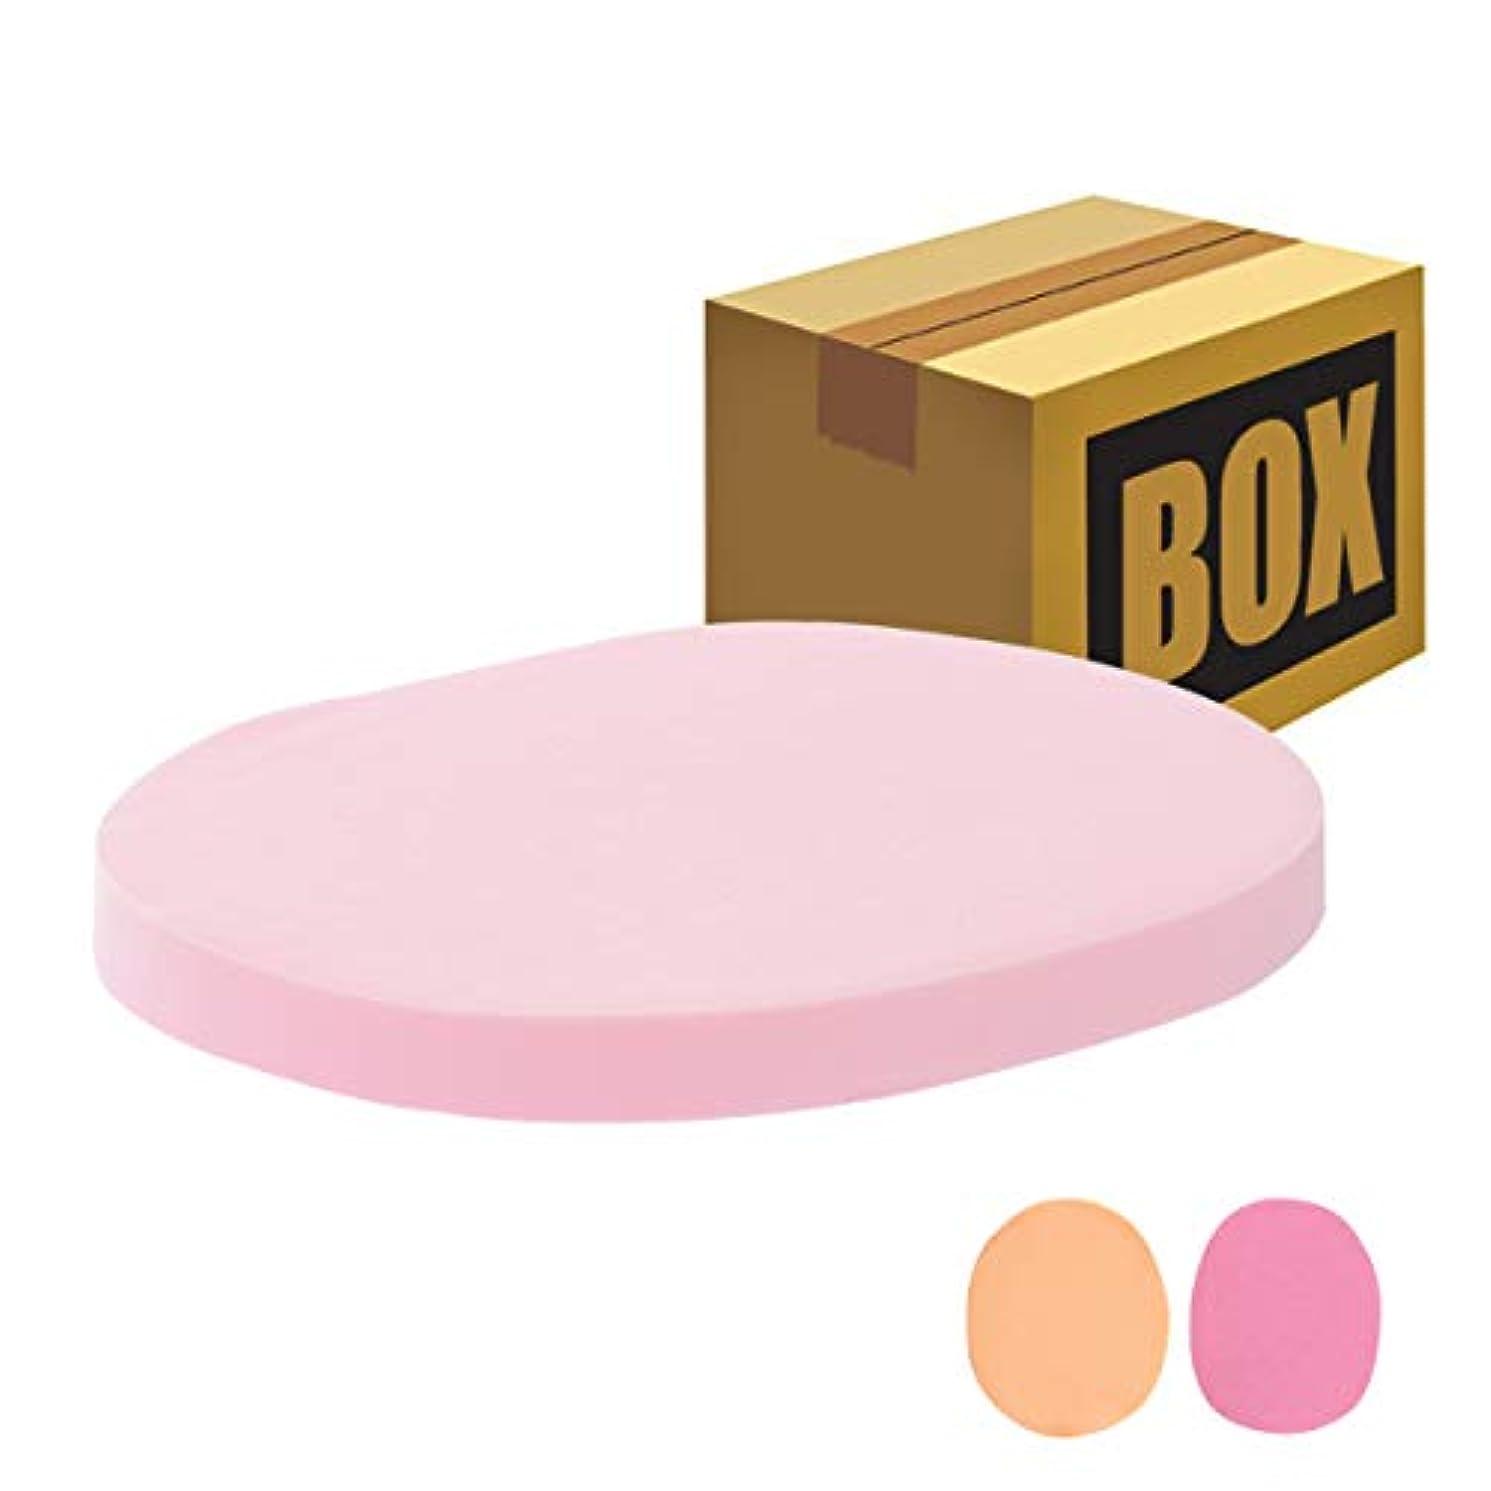 代わりの焼くバッチフェイシャルスポンジ 全4種 10mm厚 (きめ細かい) 30枚入 ピンク [ フェイススポンジ マッサージスポンジ フェイシャル フェイス 顔用 洗顔 エステ スポンジ パフ クレンジング パック マスク 拭き取り ]